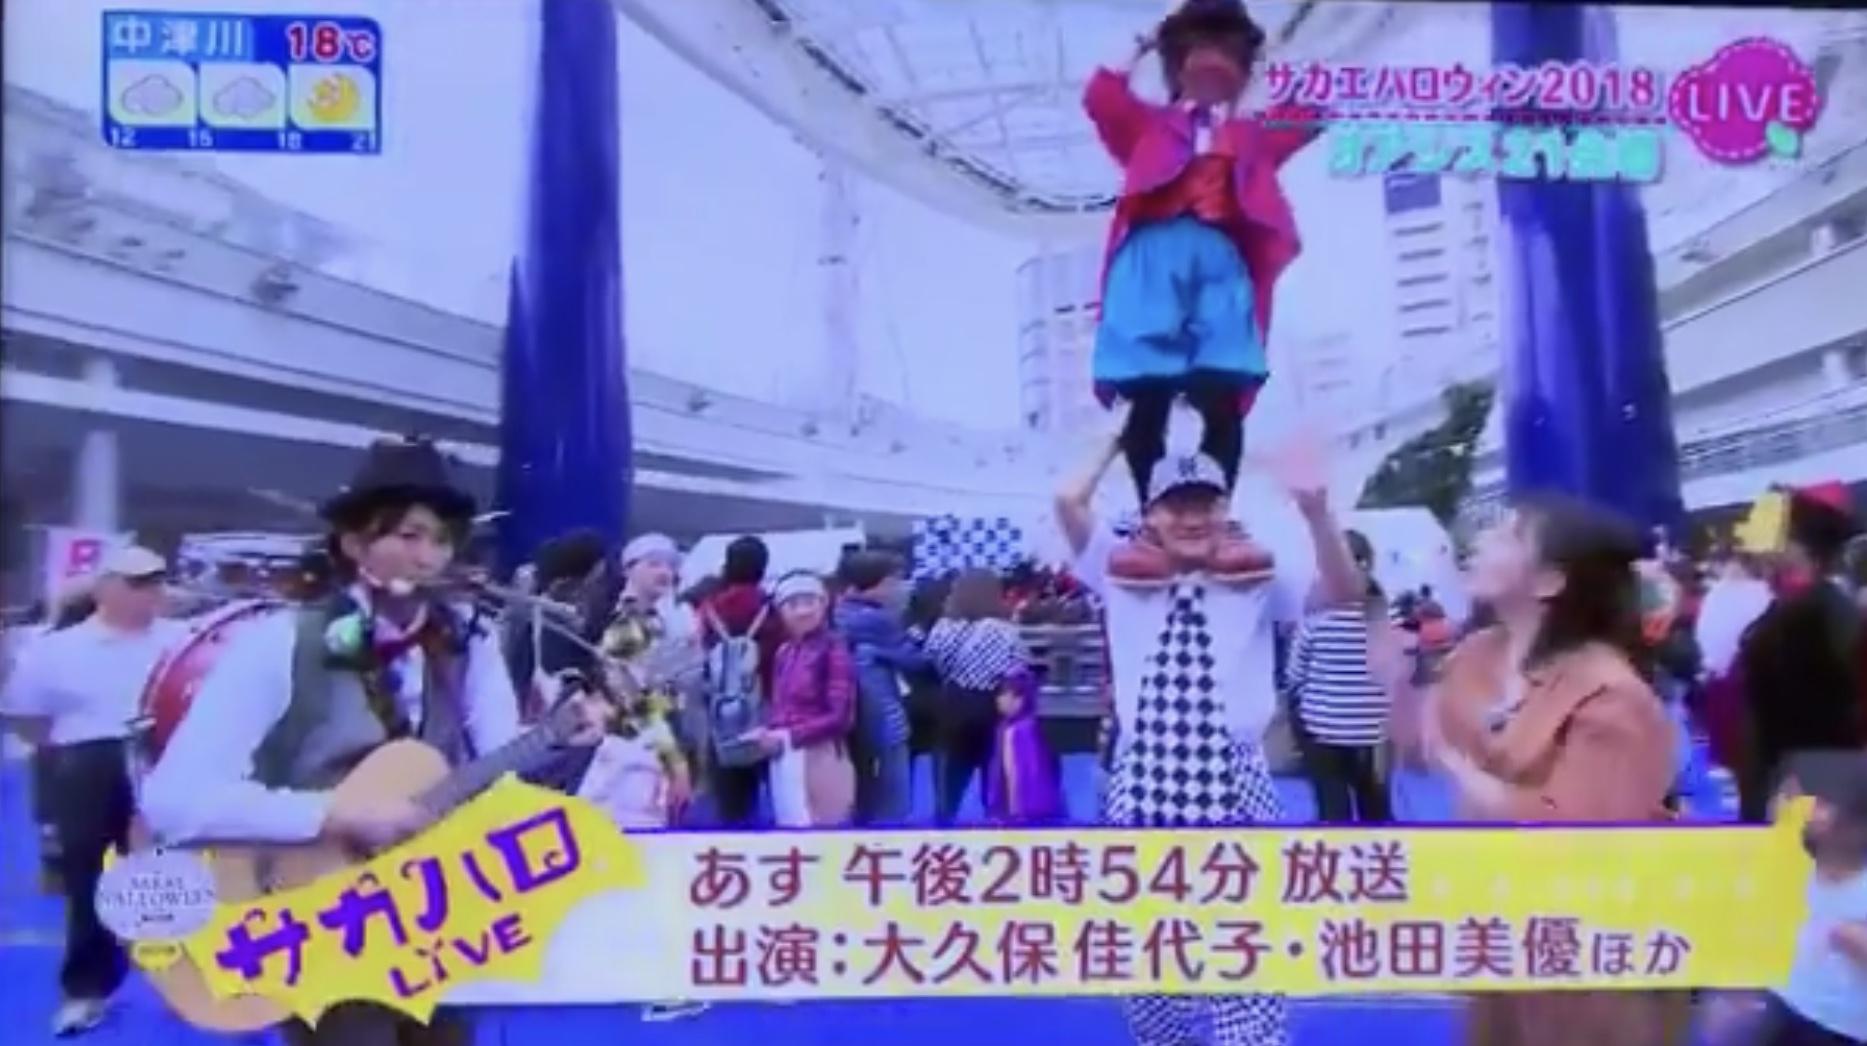 演奏がTVで生中継!?名古屋de大道芸